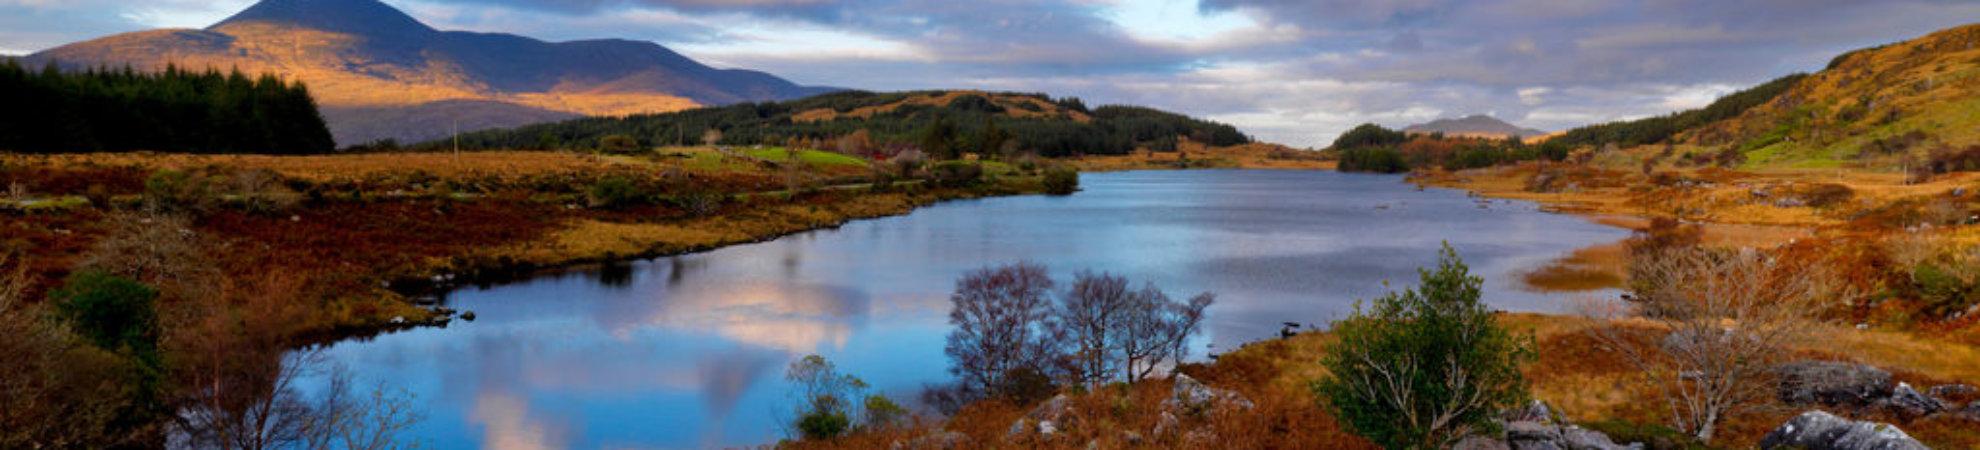 Best Walks in Killarney